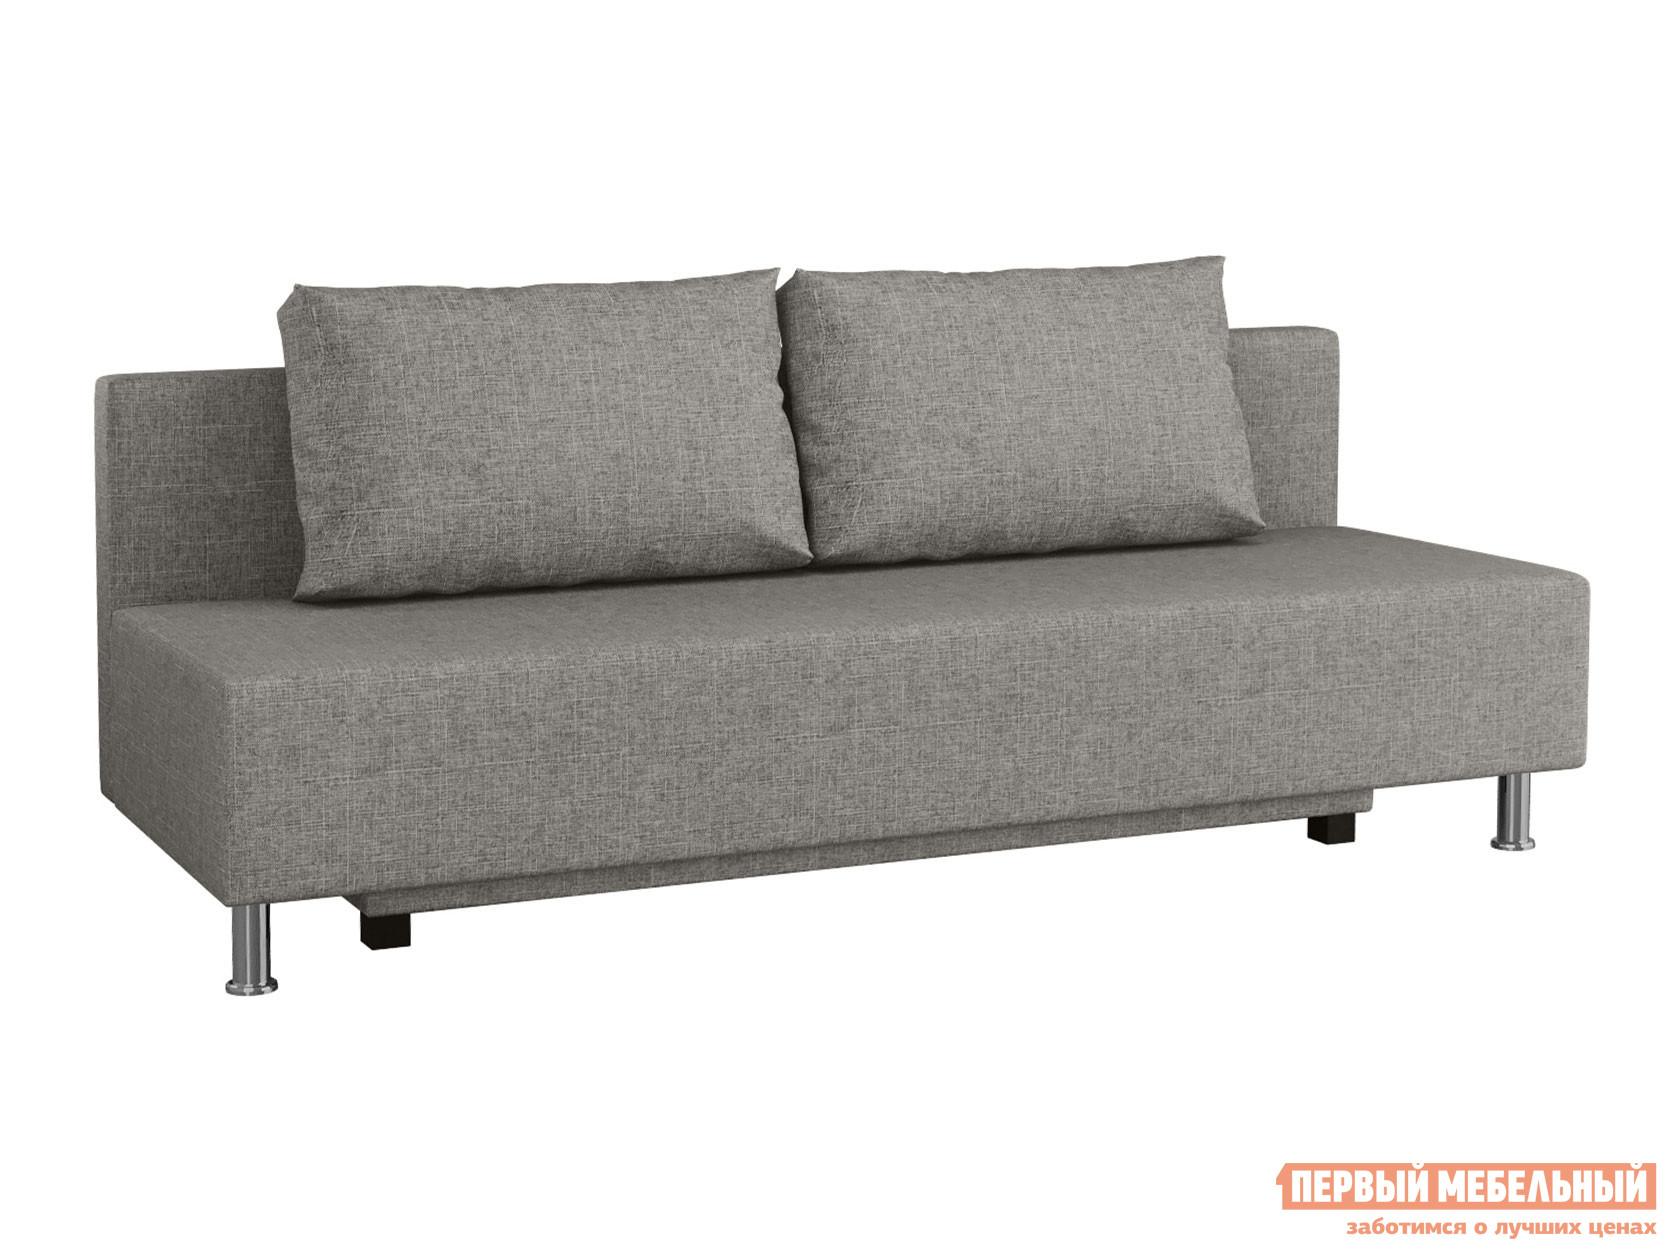 Прямой диван  Пари Серый, рогожка Мягкая Линия 130890